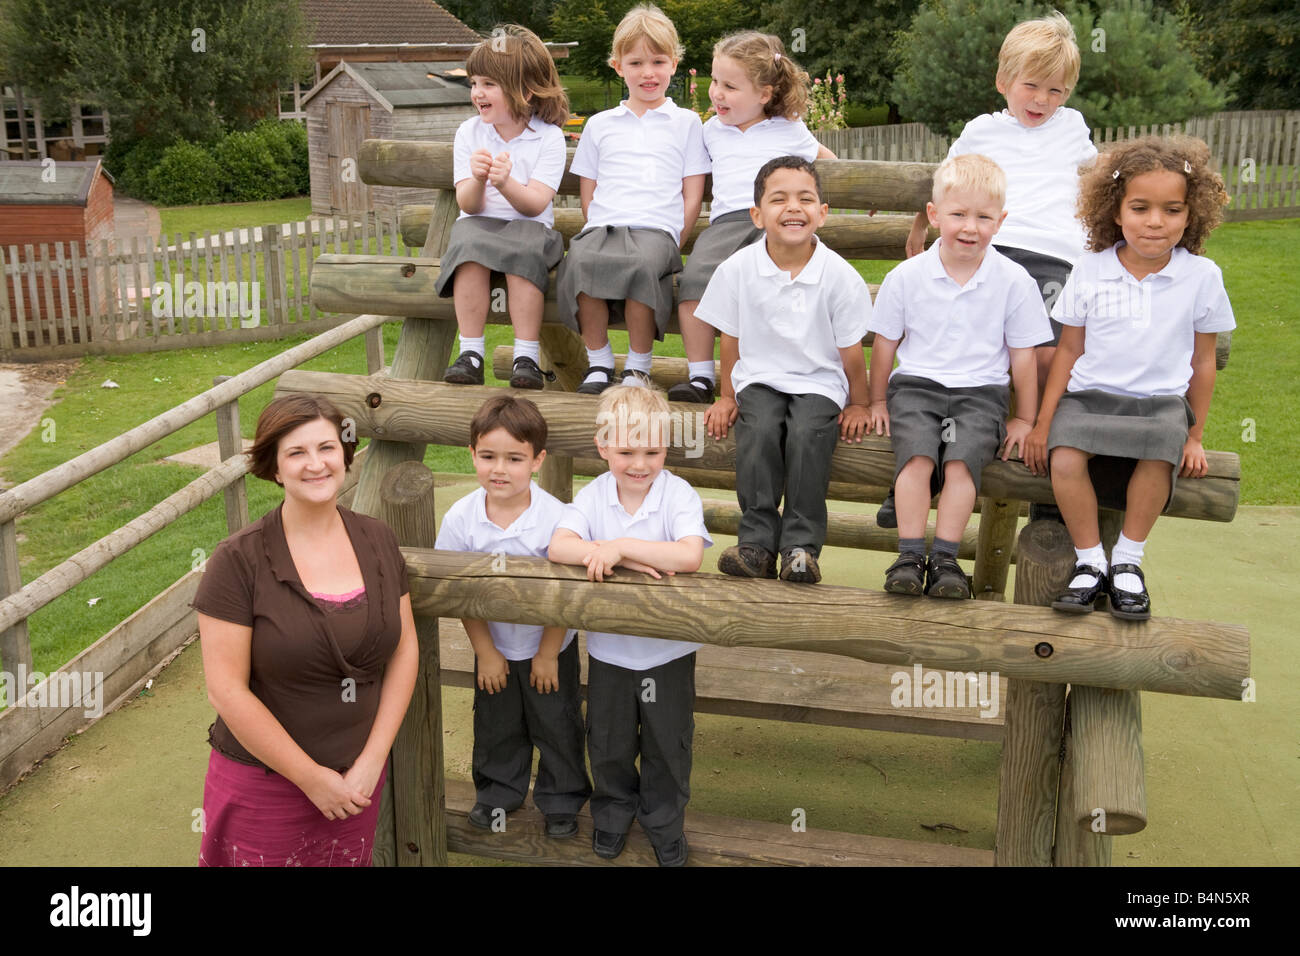 Les élèves assis à l'extérieur sur la structure en bois avec l'enseignant debout à côté d'eux Banque D'Images